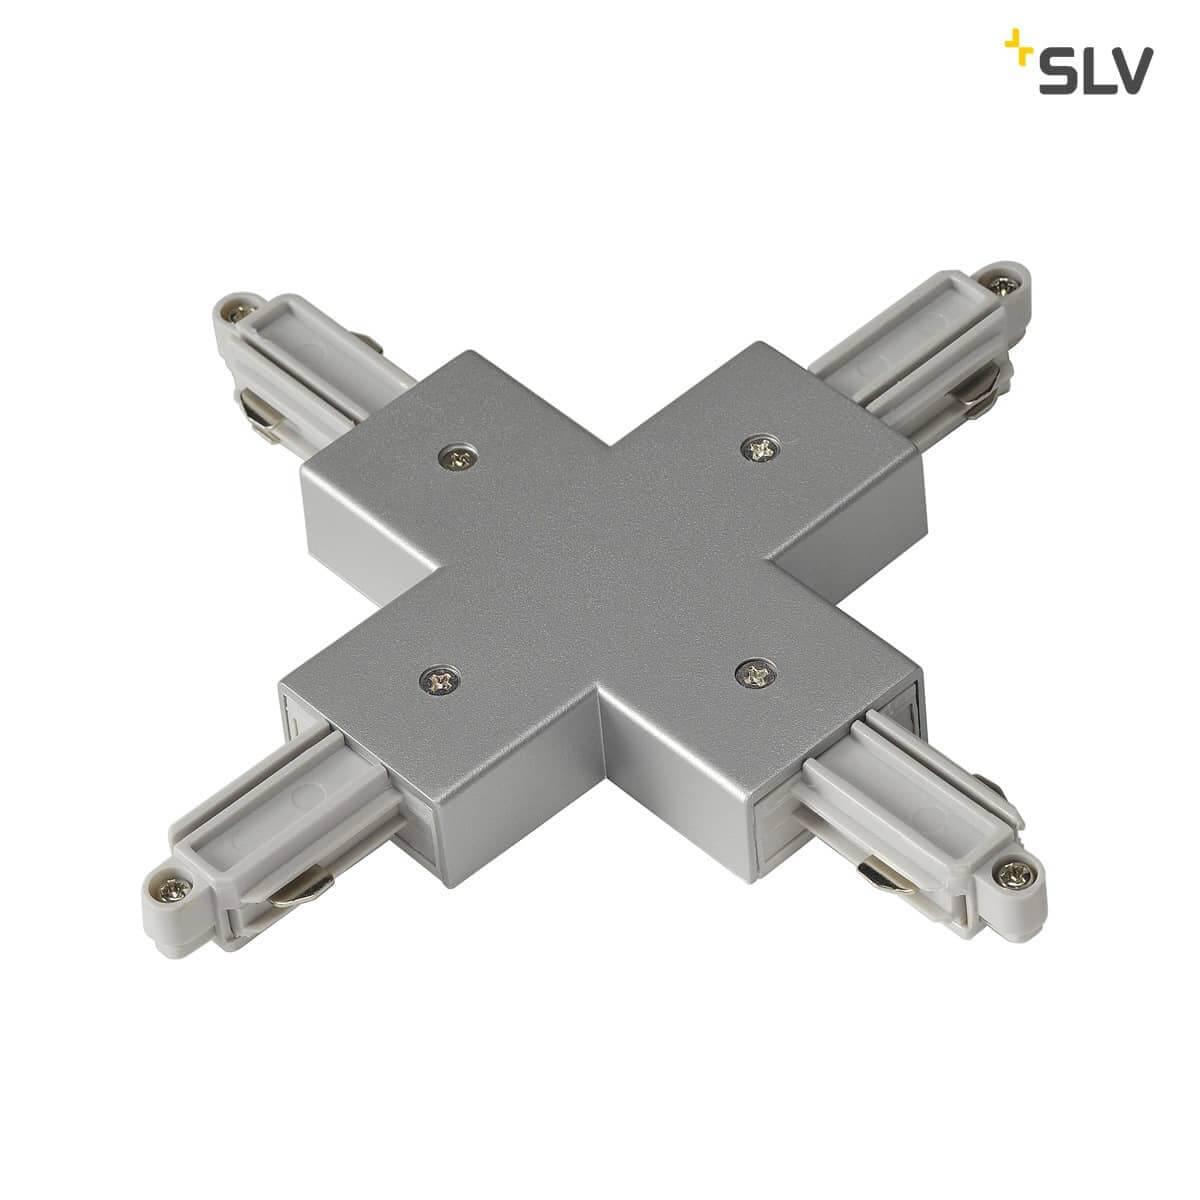 schwarz Flexverbinder f/ür 1-Phasen HV-Stromschiene